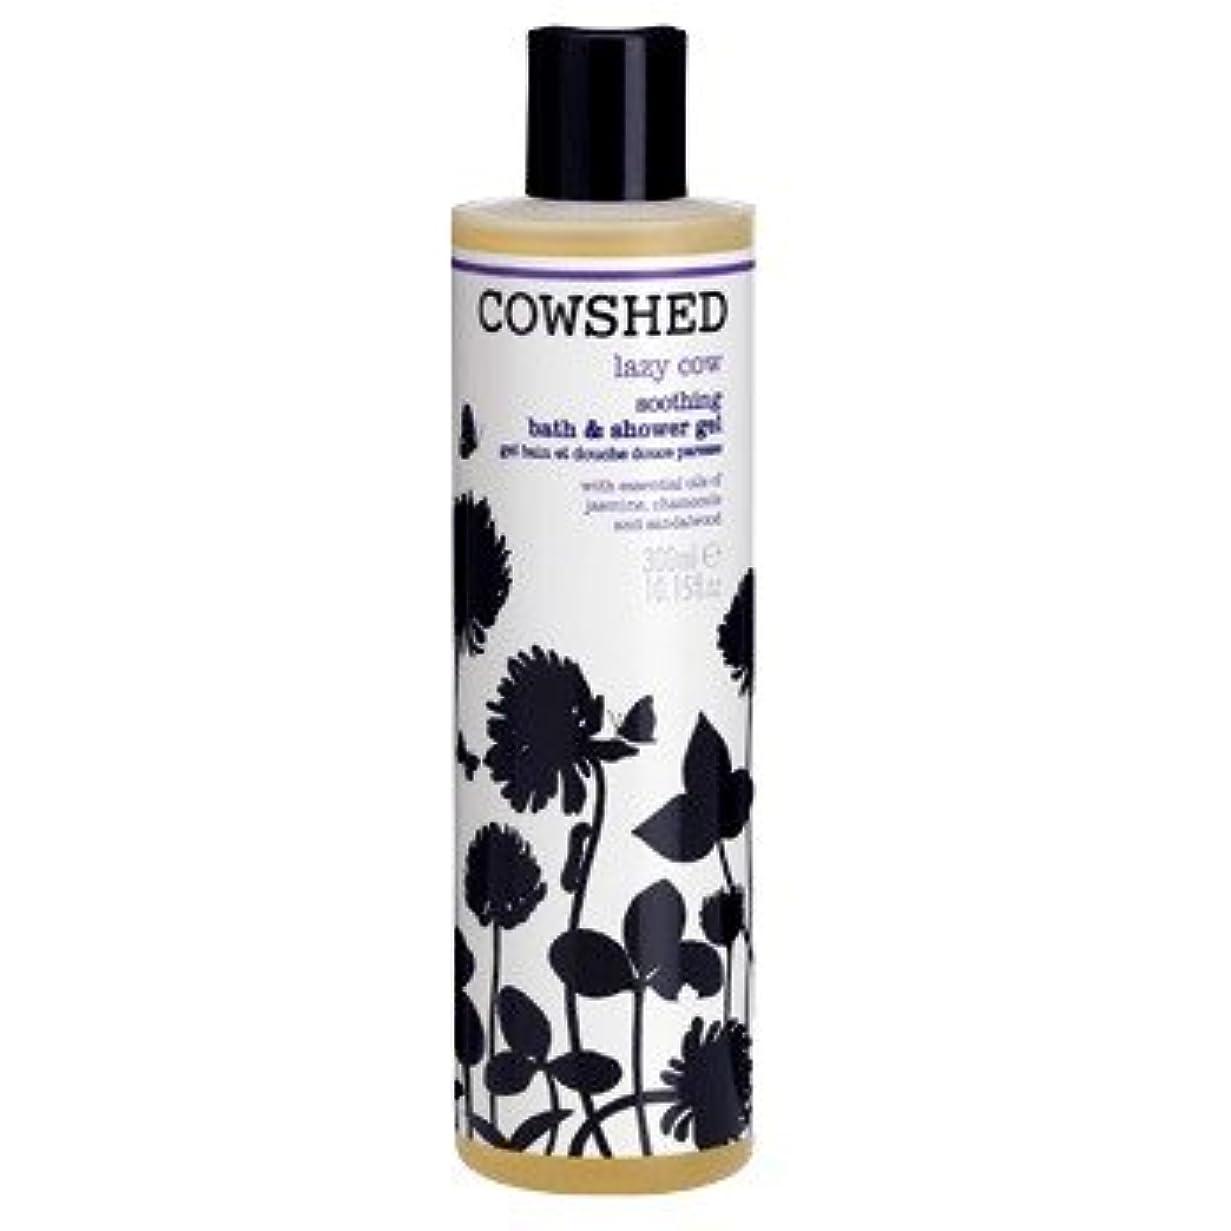 単独で超高層ビルメガロポリス牛舎怠惰な牛心地よいバス&シャワージェル300ミリリットル (Cowshed) - Cowshed Lazy Cow Soothing Bath & Shower Gel 300ml [並行輸入品]